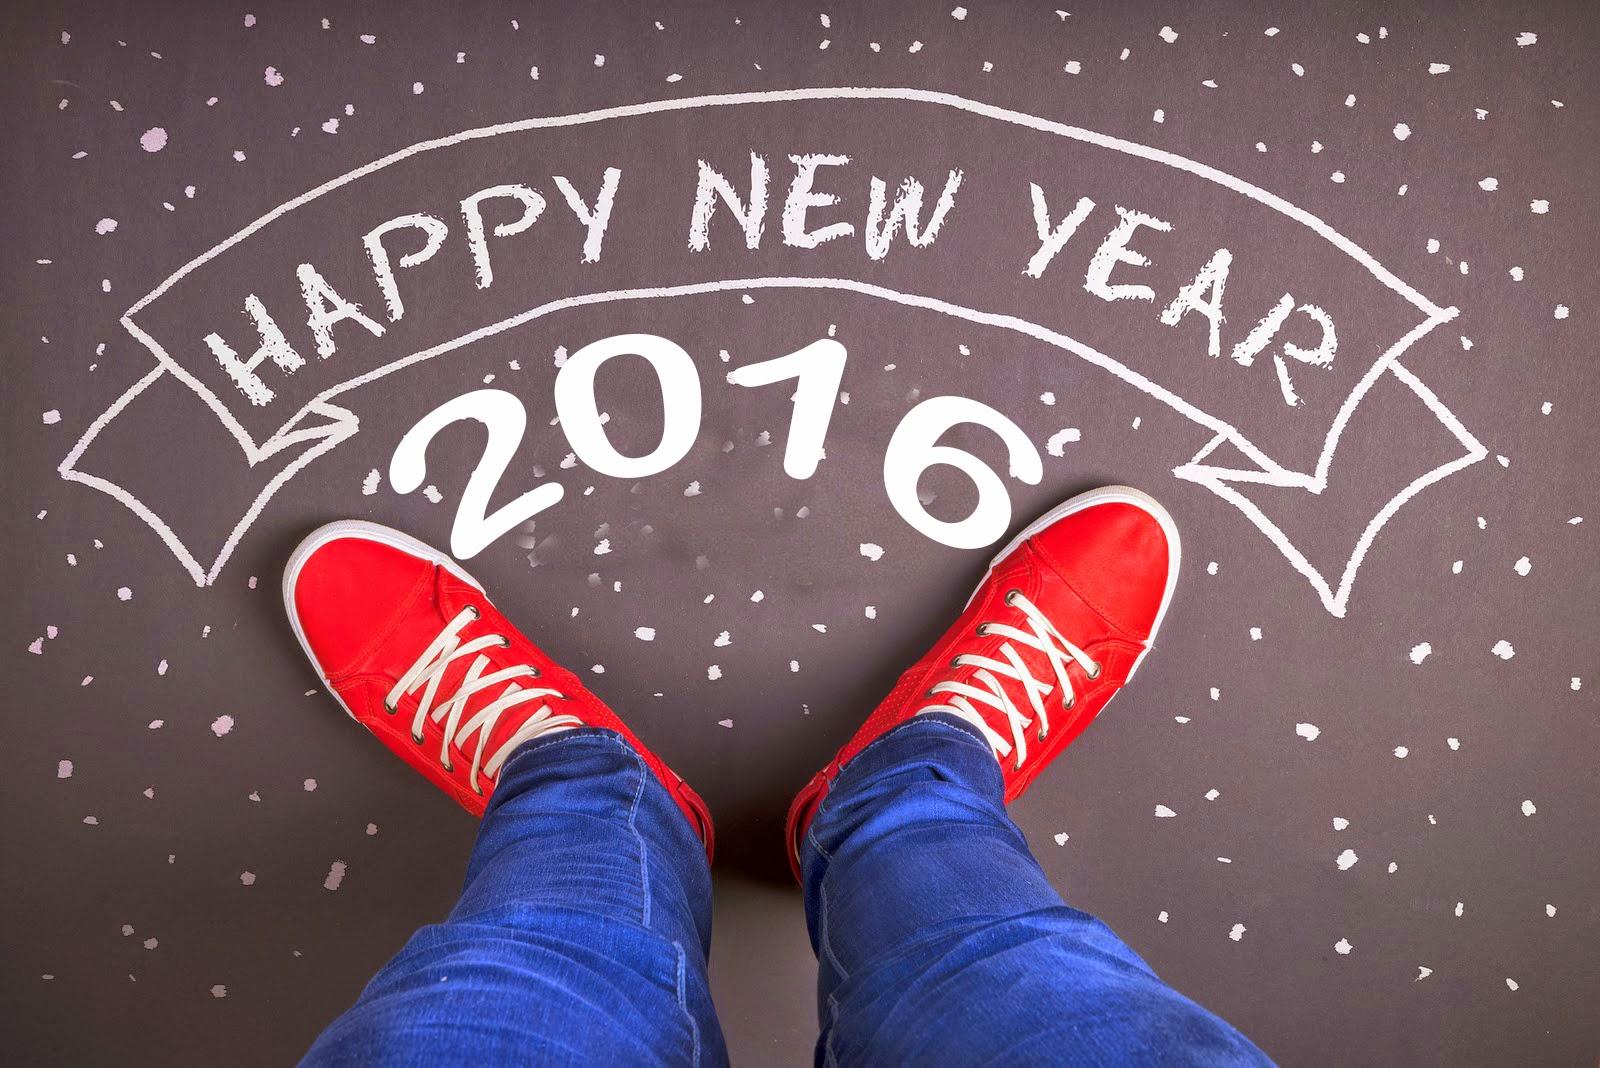 Küldj újévi köszöntést szeretteidnek